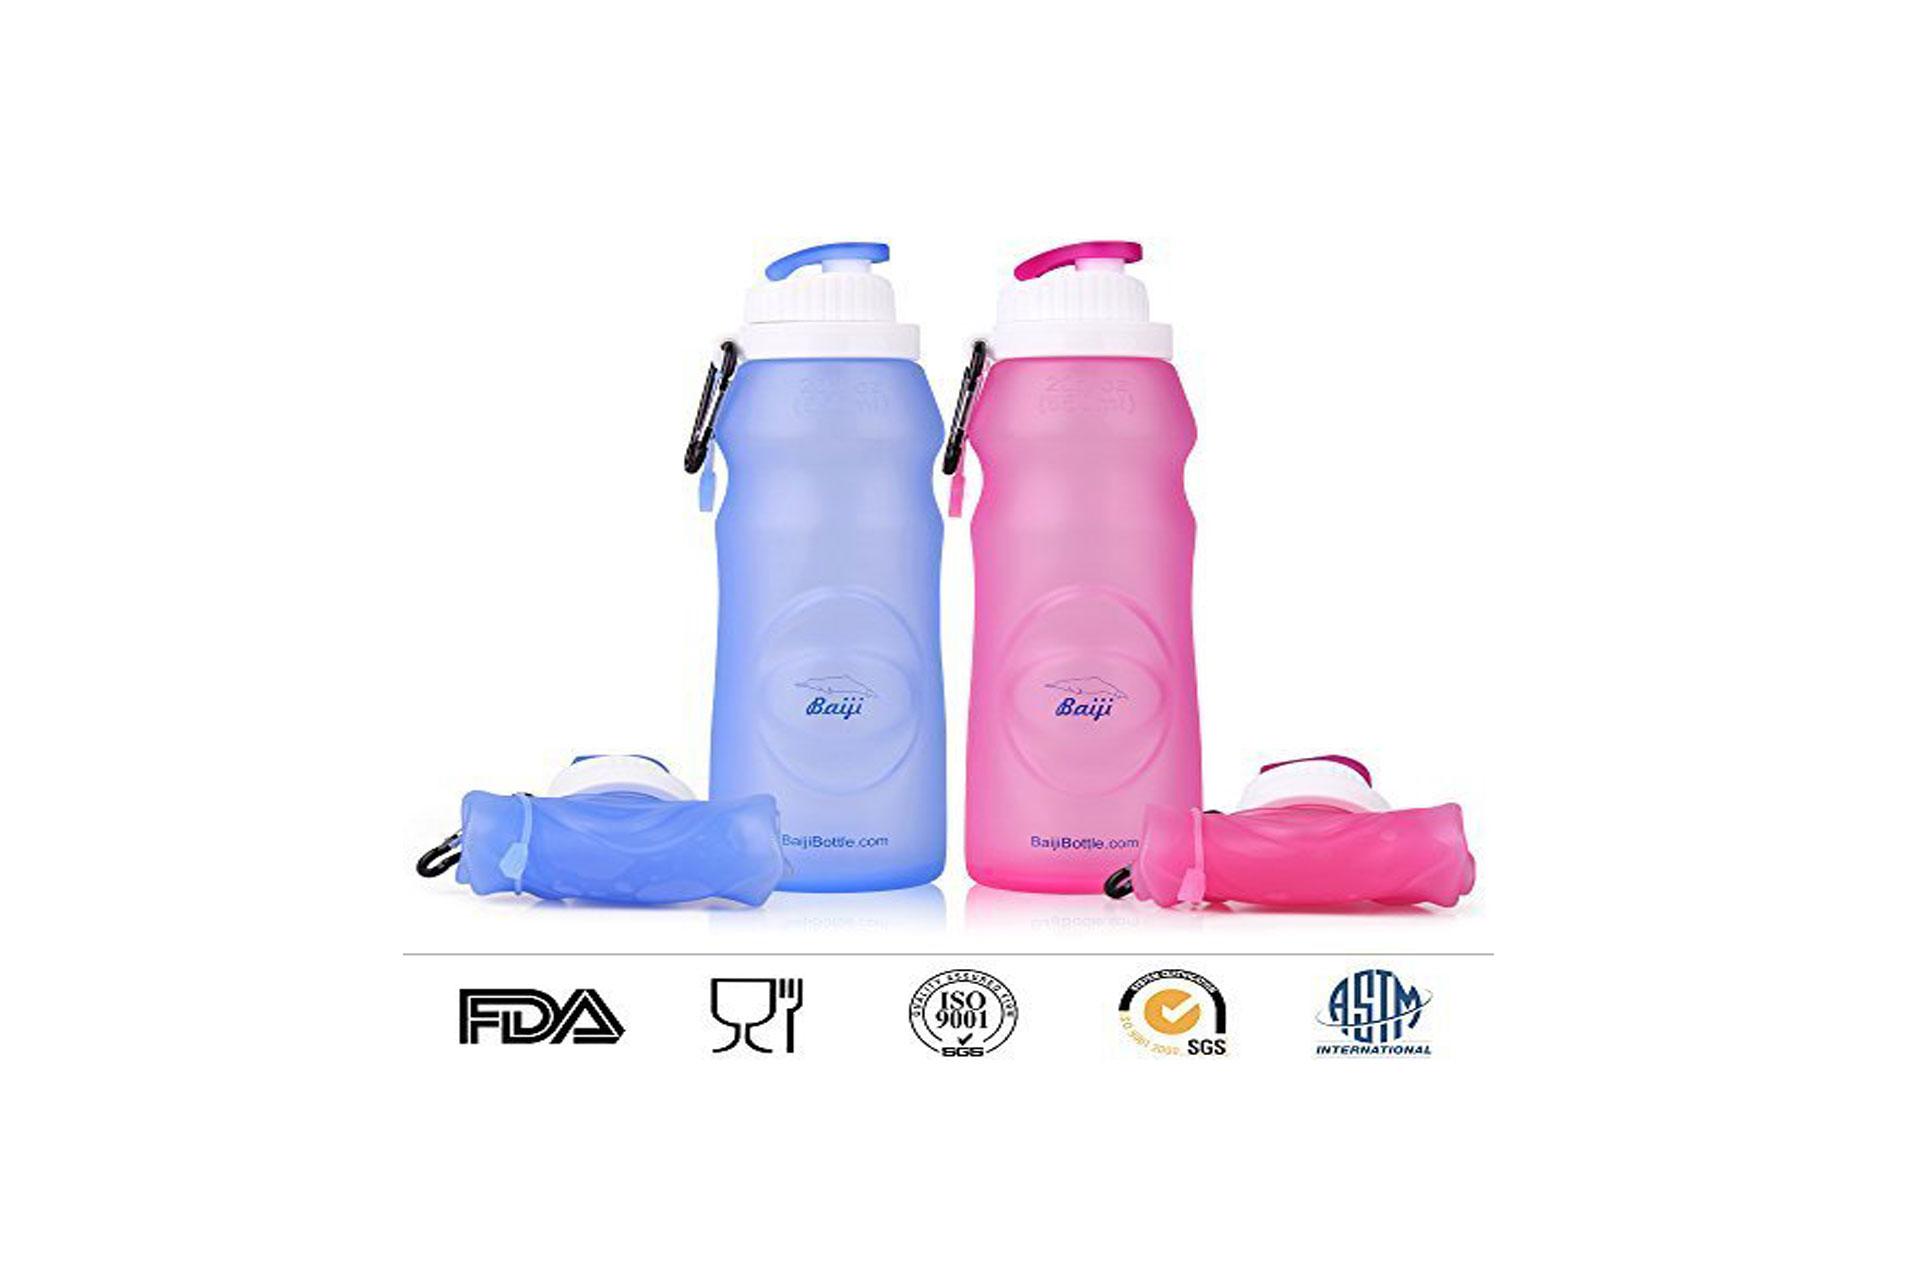 Baiji collapsible water bottle; Courtesy of Amazon